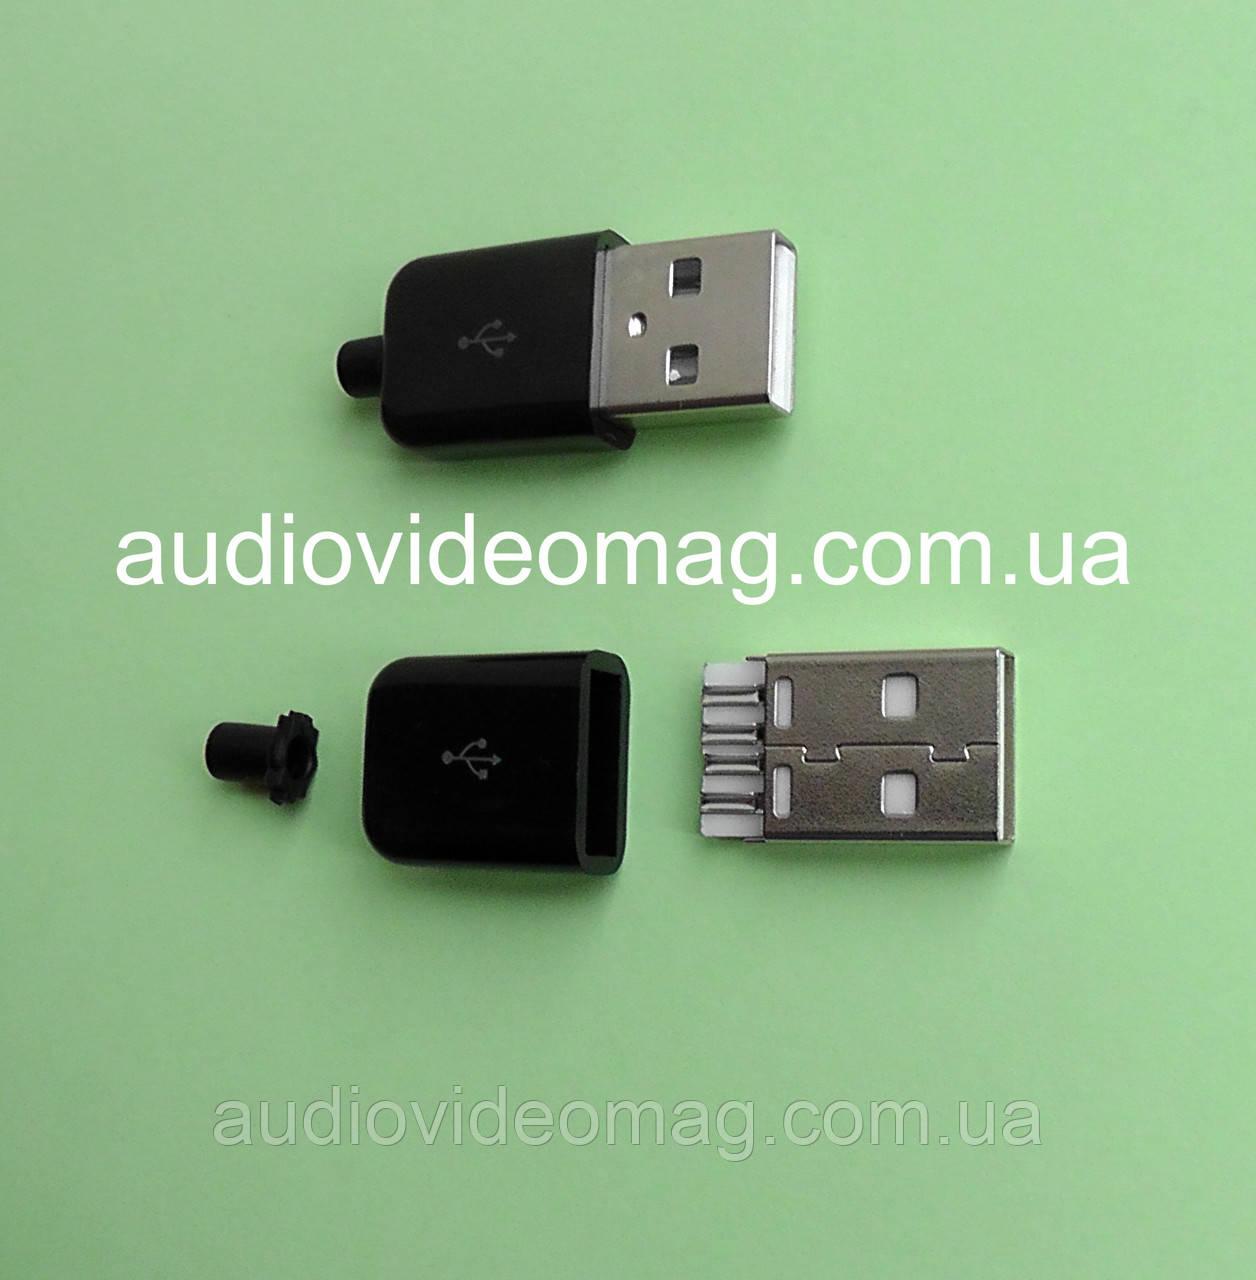 USB штекер разборной, для пайки на кабель, черный